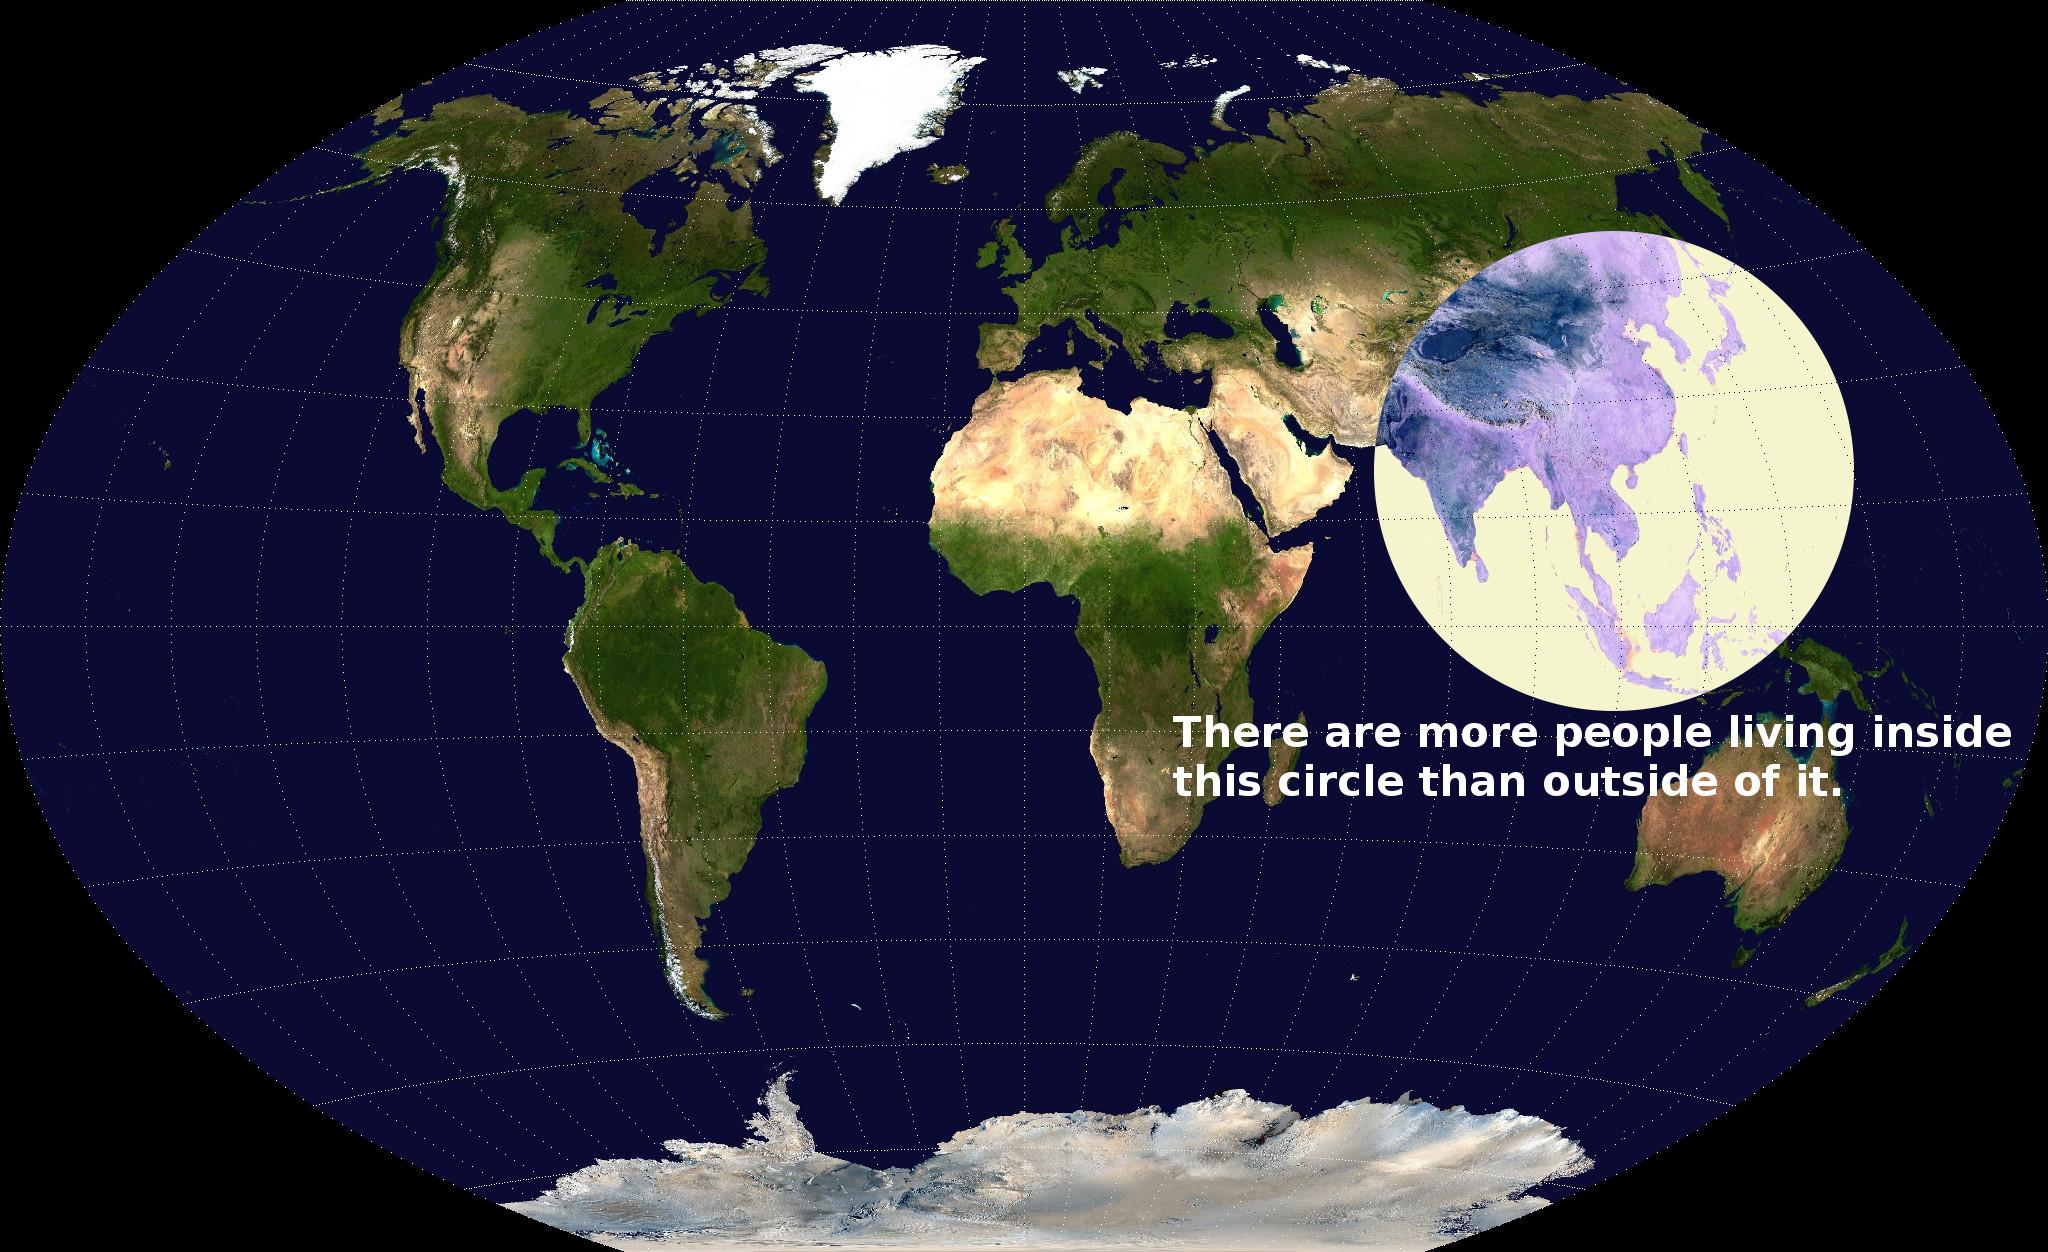 dünya nüfusunun en çok olduğu yer